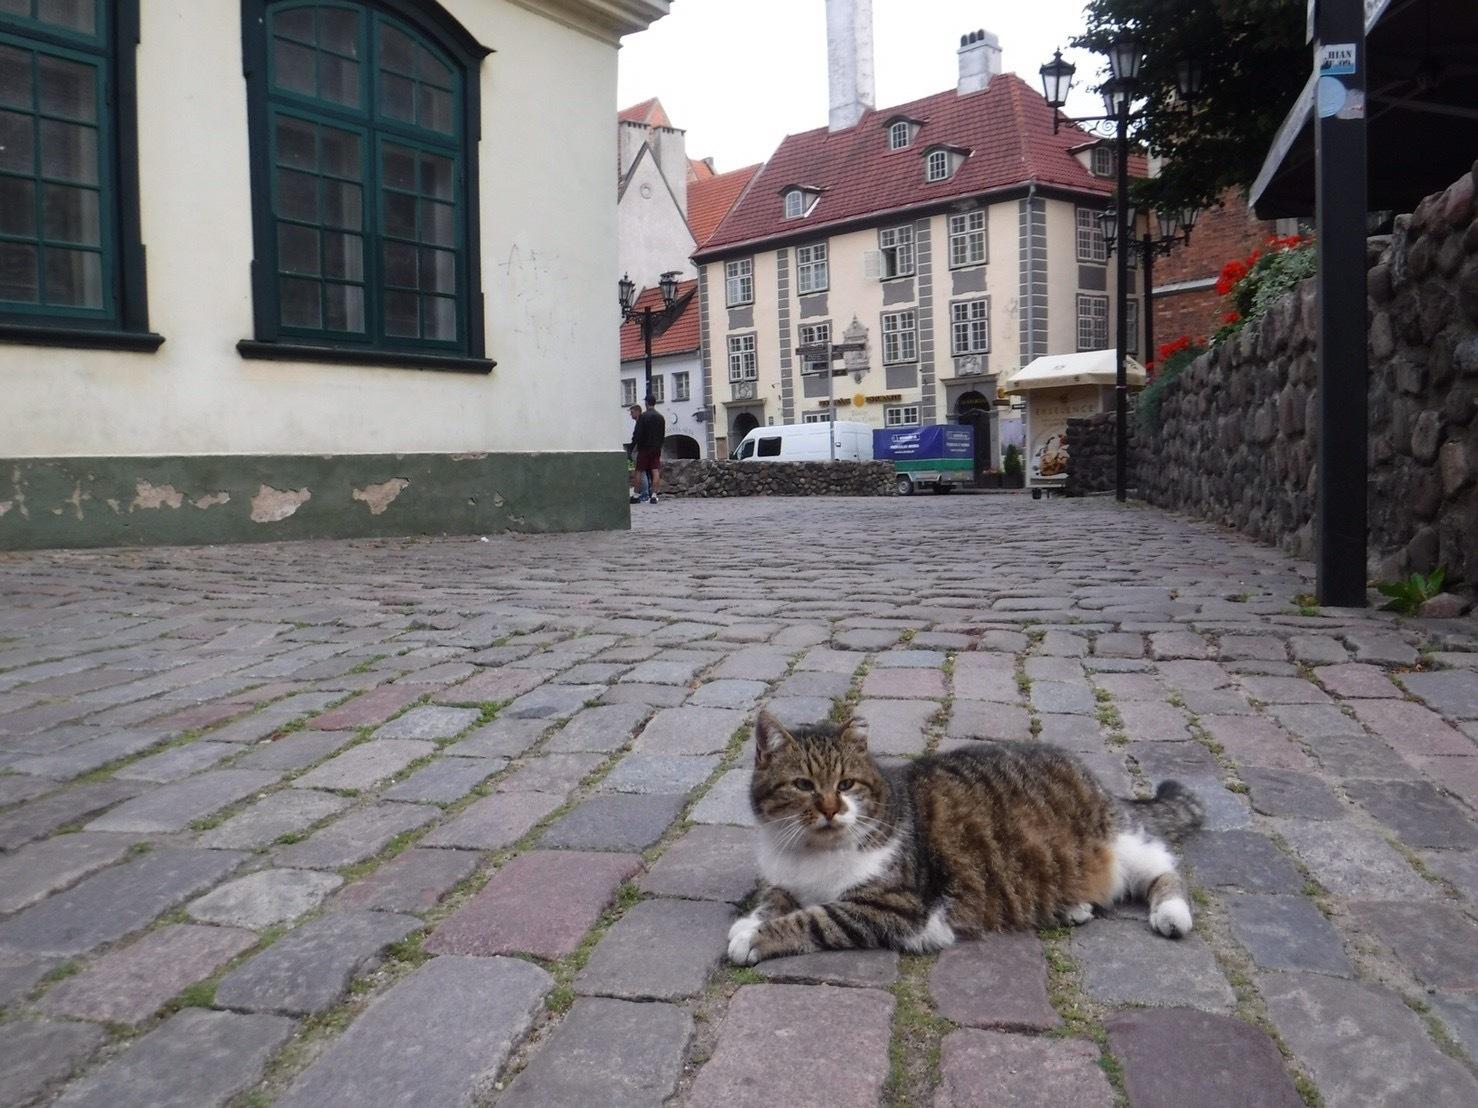 ヨーロッパの路上でくつろぐ猫の写真